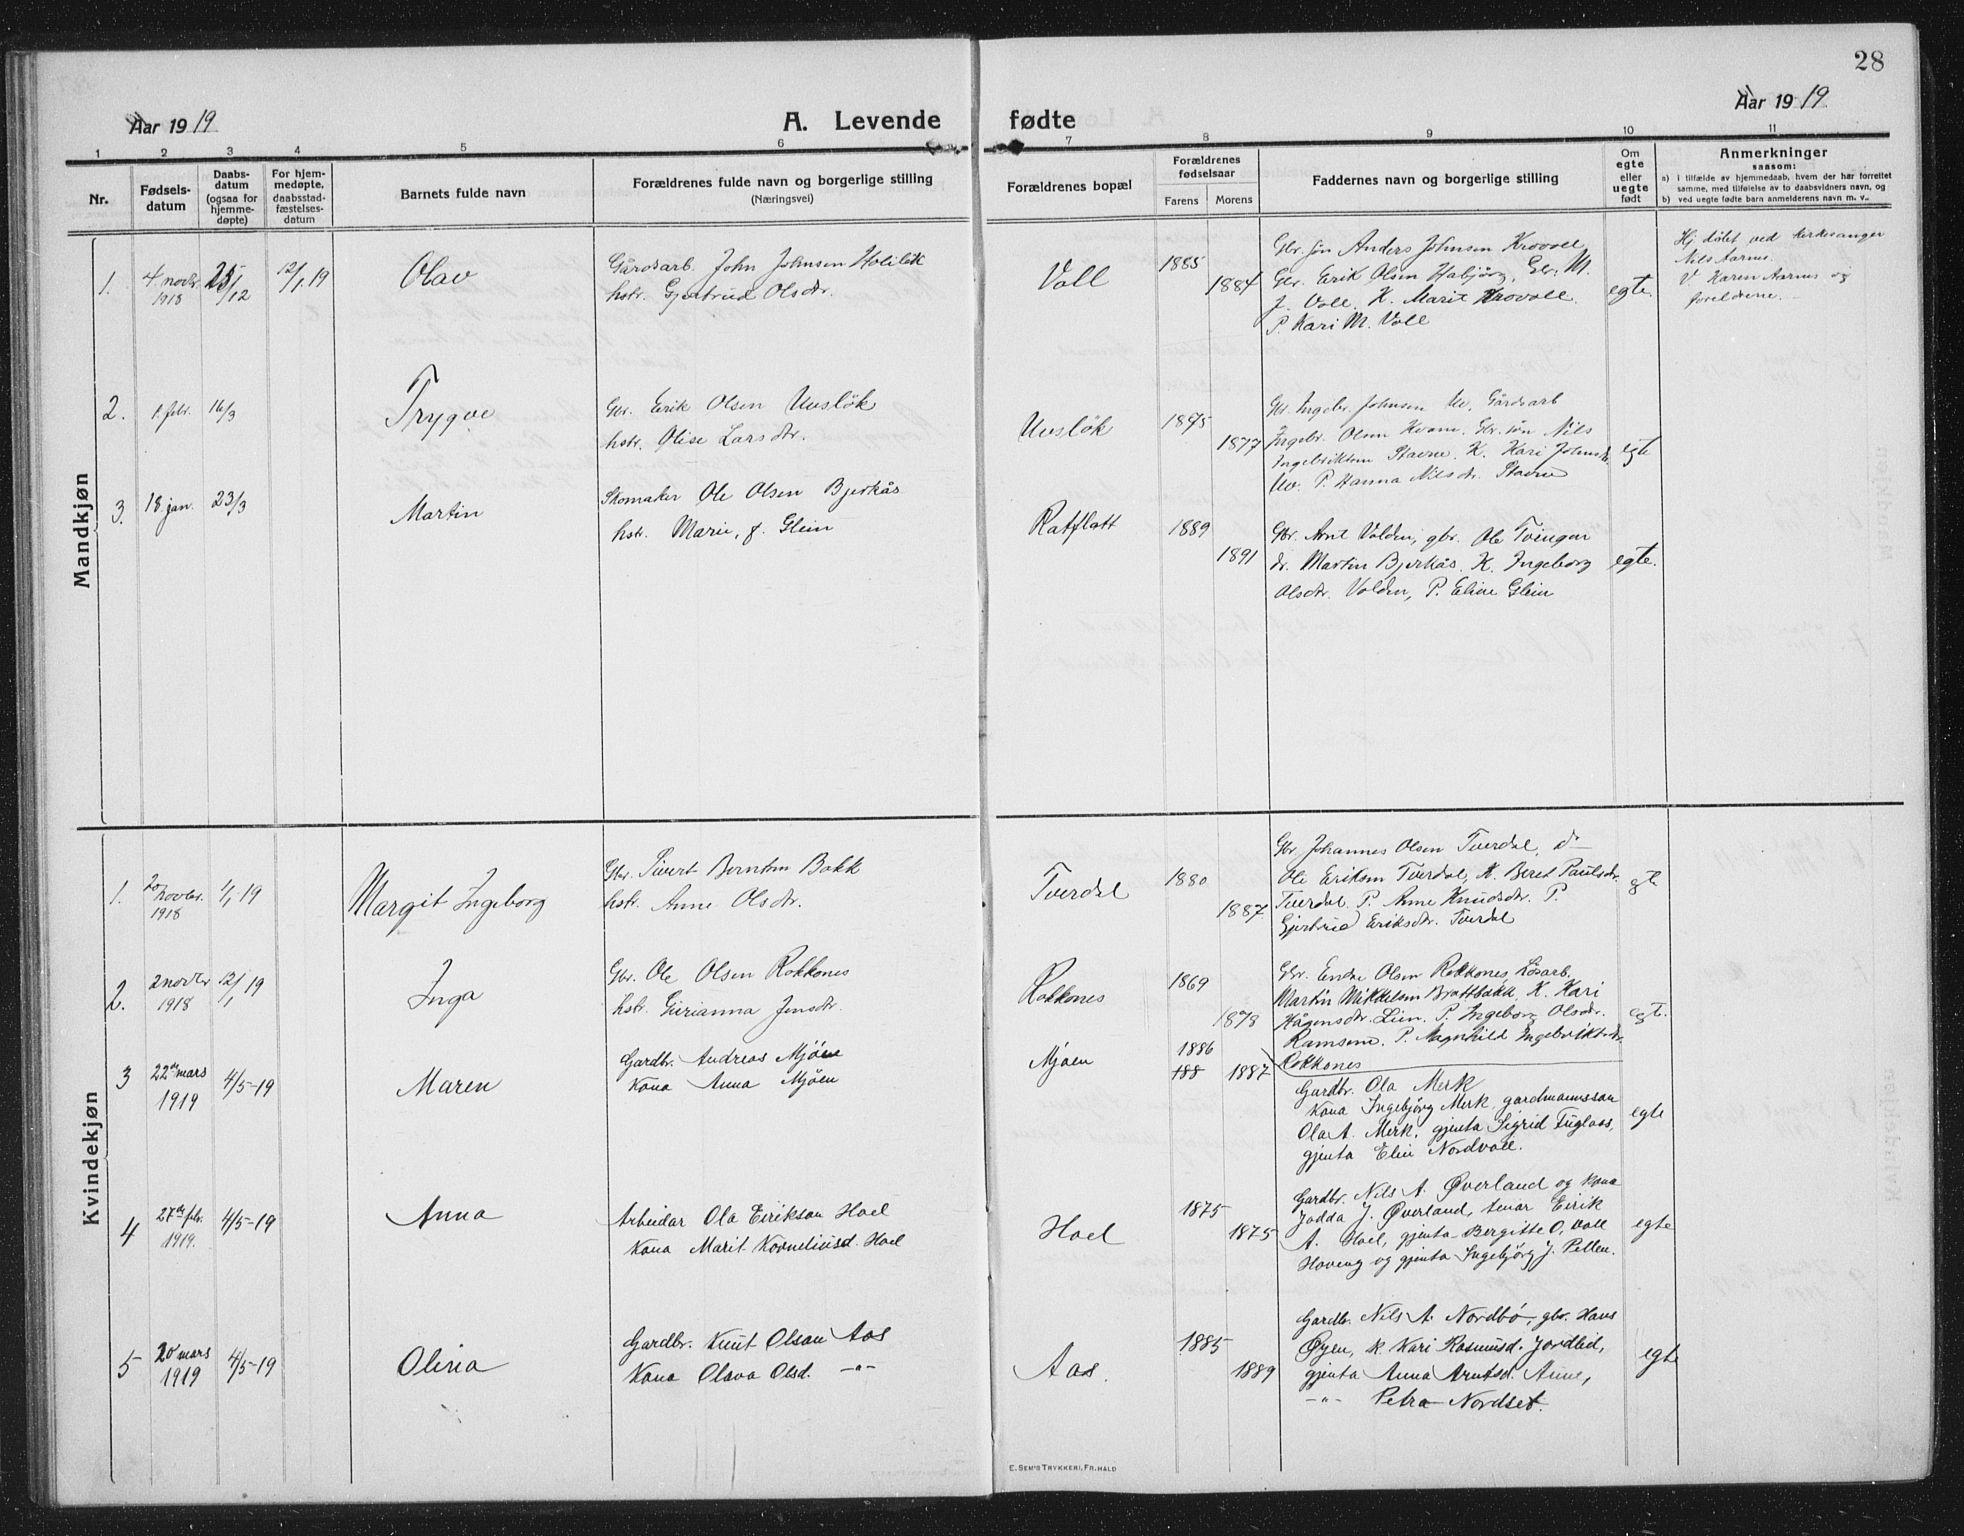 SAT, Ministerialprotokoller, klokkerbøker og fødselsregistre - Sør-Trøndelag, 674/L0877: Klokkerbok nr. 674C04, 1913-1940, s. 28